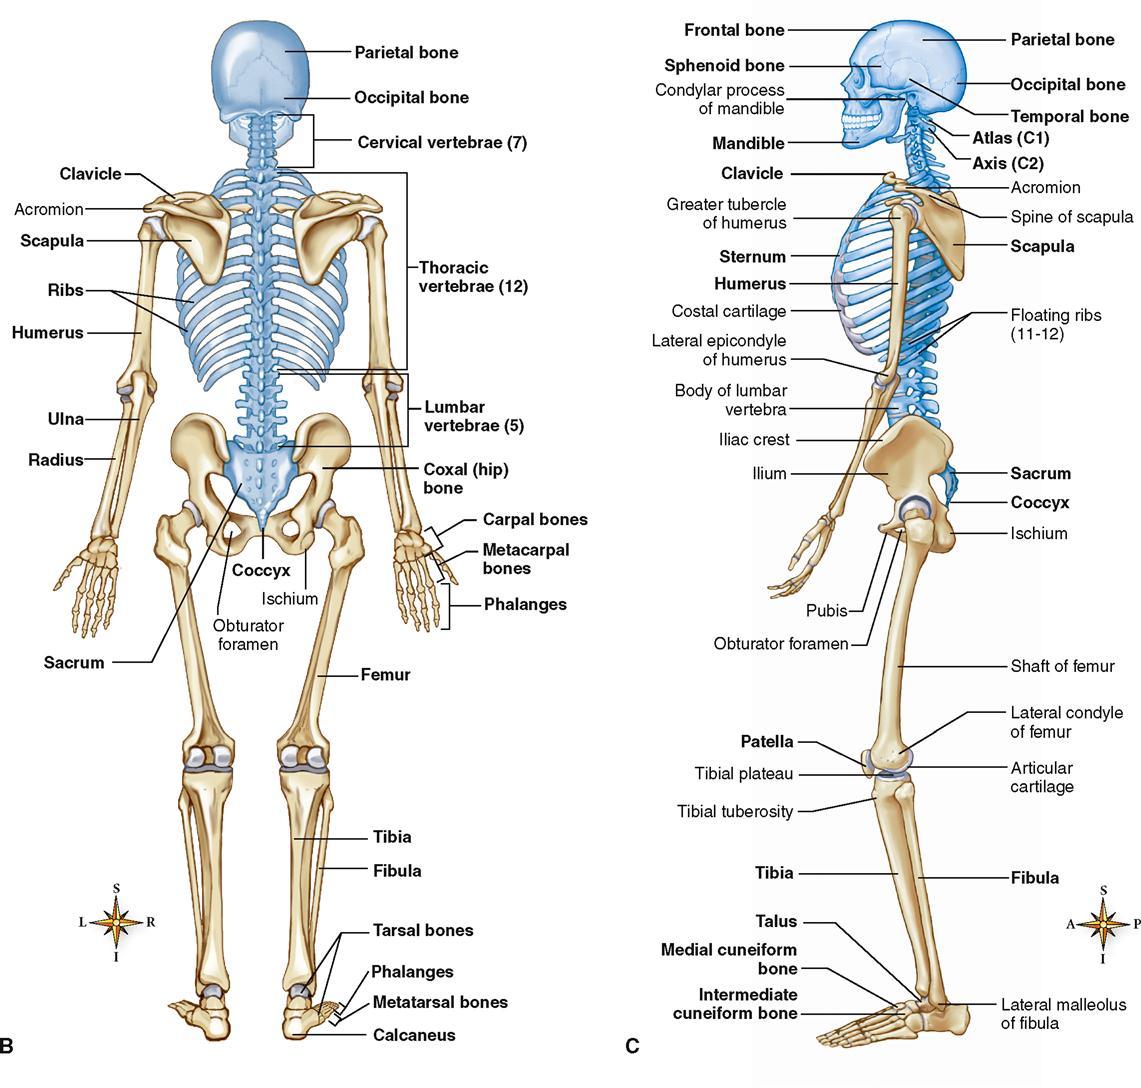 skeletal system basicmedical key